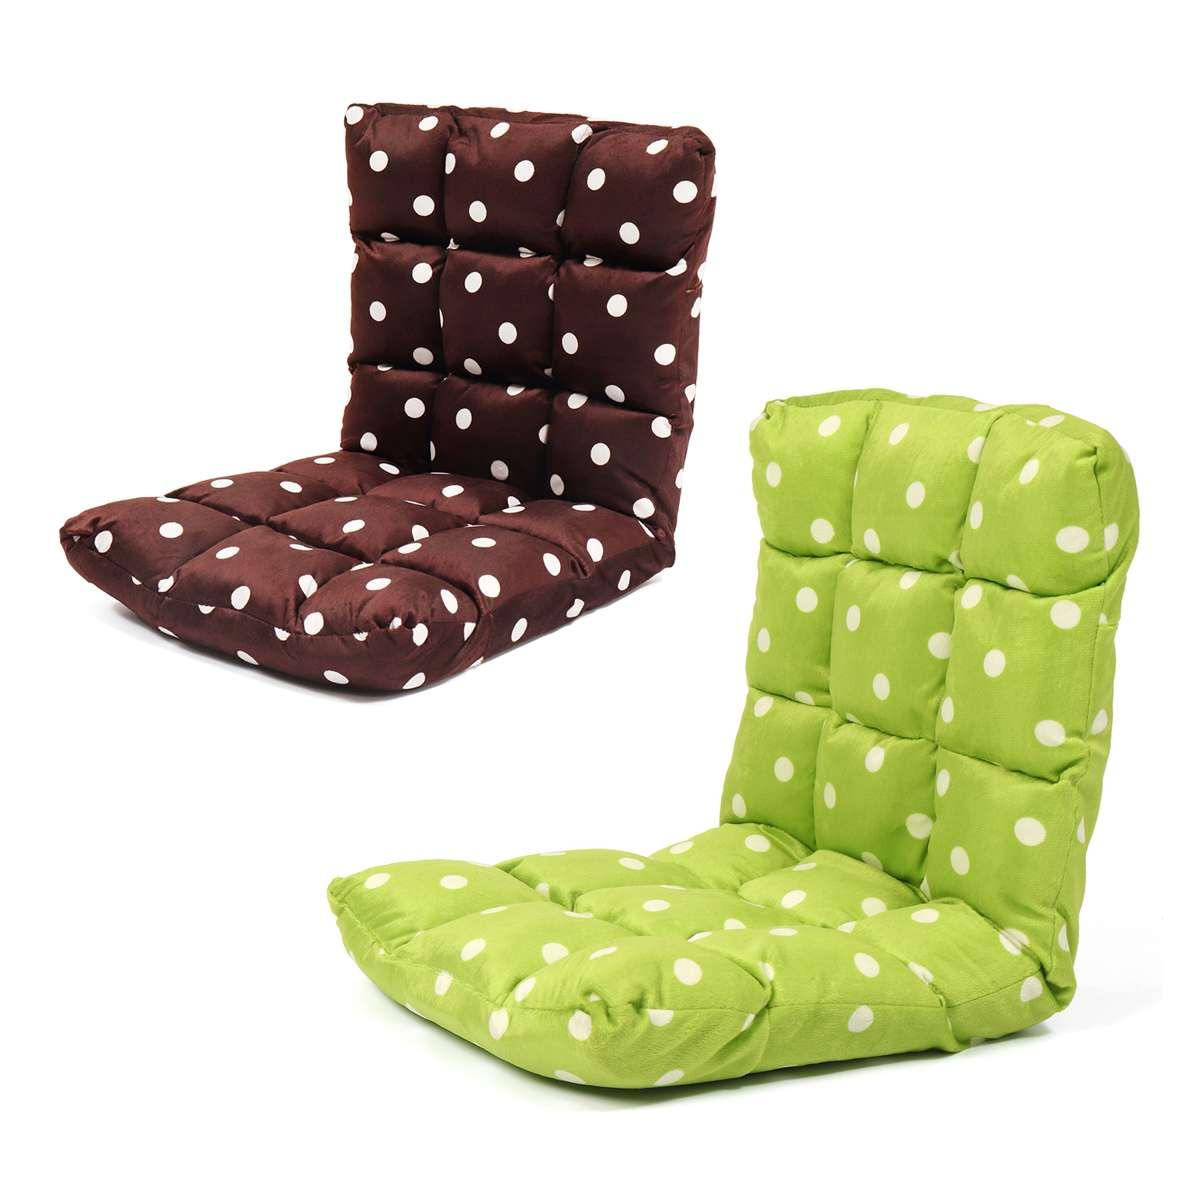 95x35x13cm salon inclinable canapé-lit pouf canapés maison balcon décontracté coussin chaise coussinets fenêtres Tatami tapis de sol 2 couleurs